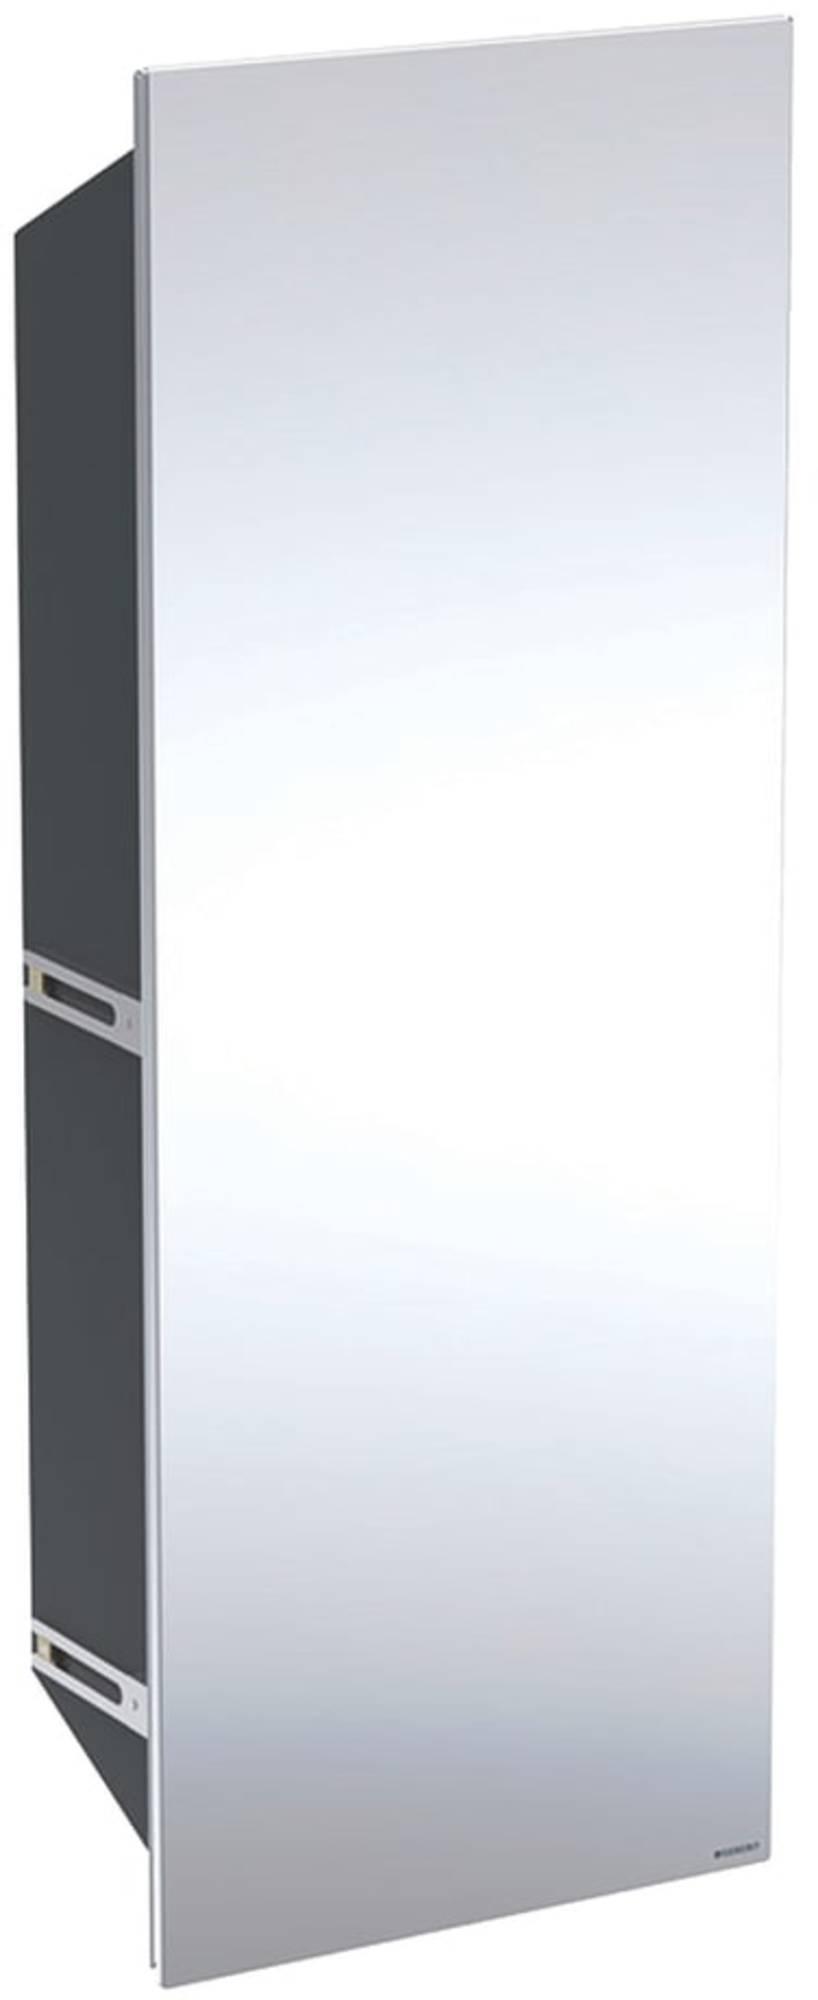 geberit One Schuifdeur Spiegel Links voor Inbouwbox 30x4x80 cm